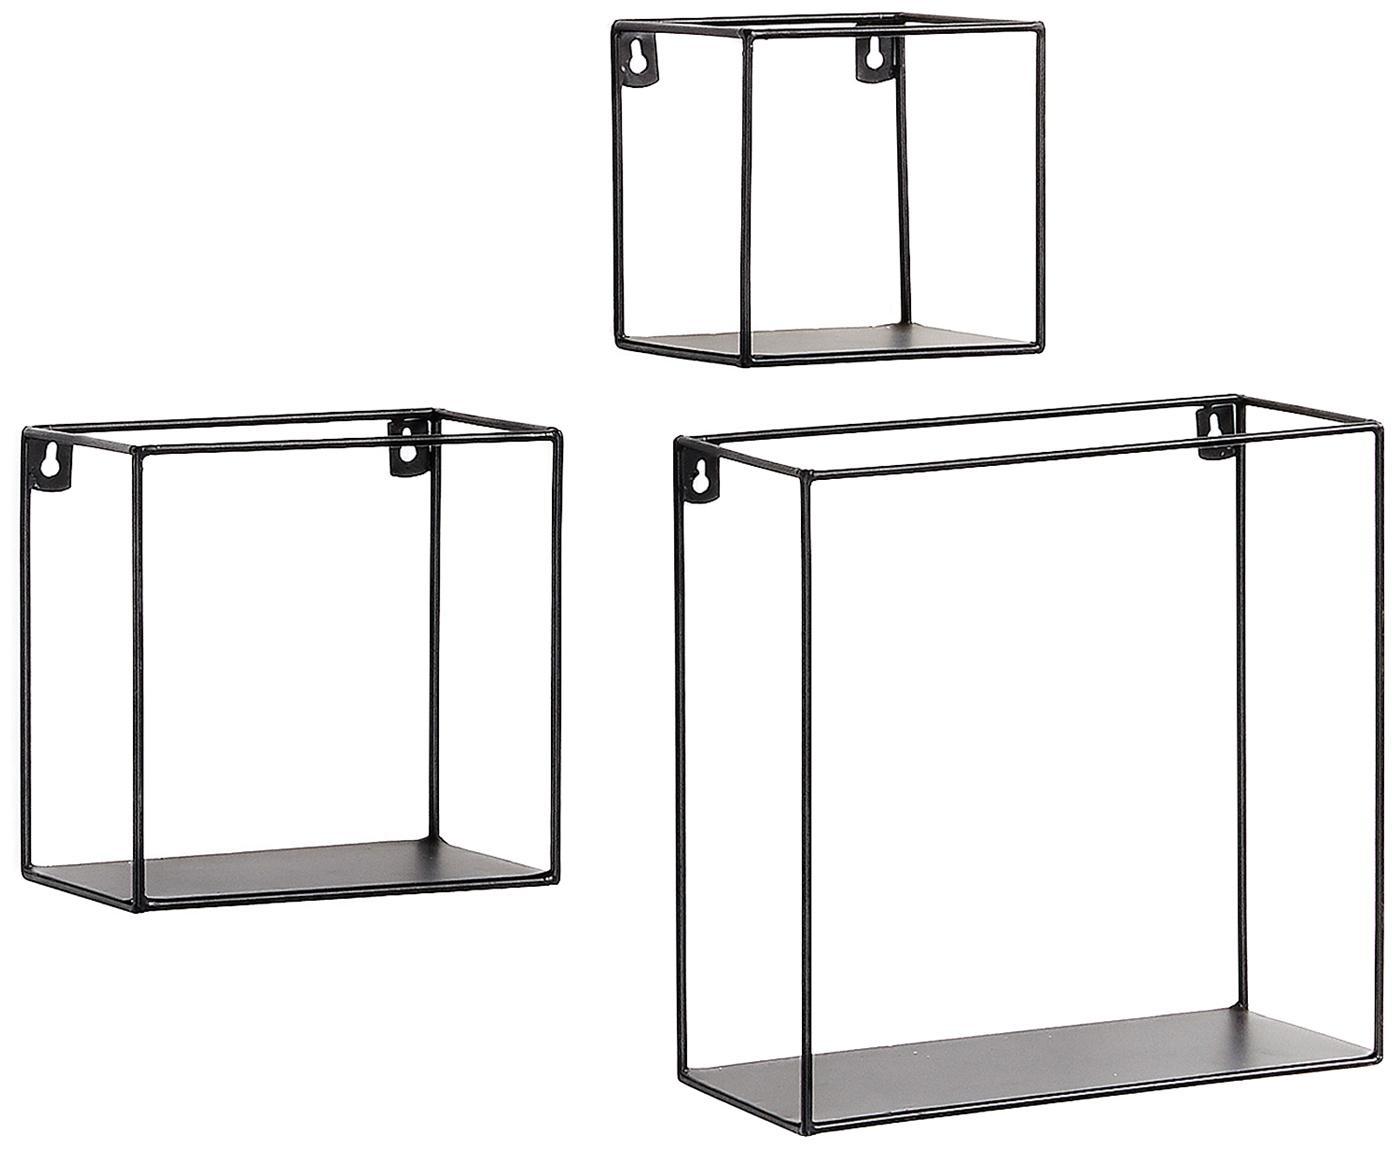 Mini Wandregal 3er-Set Nils in Schwarz, Metall, pulverbeschichtet, Schwarz, Sondergrößen